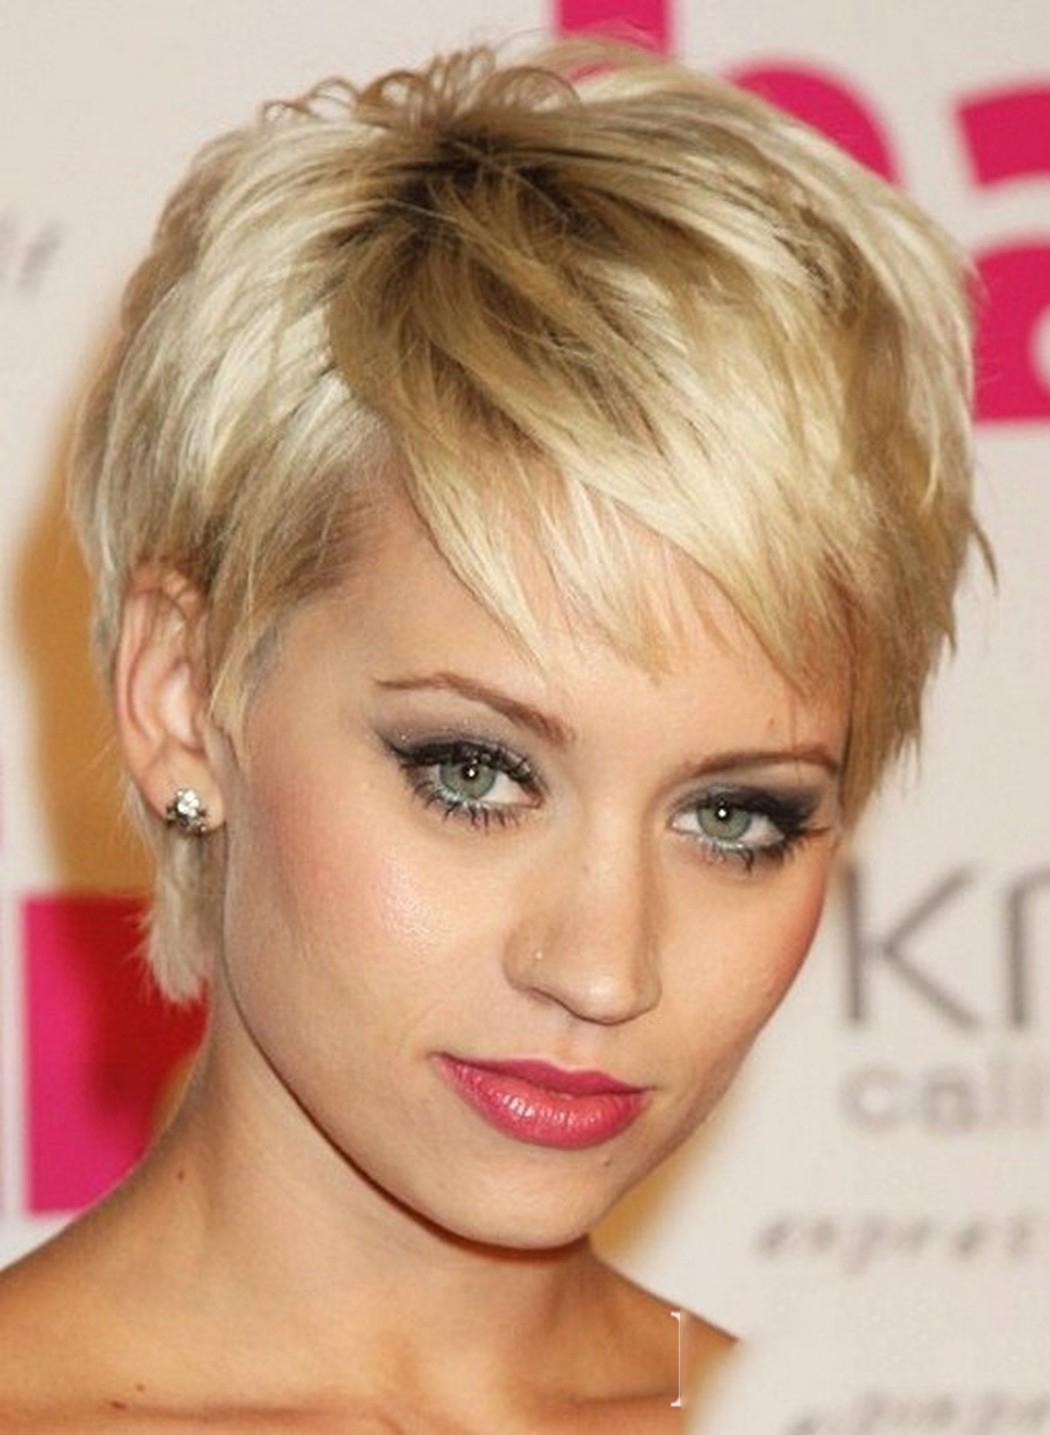 Mẫu tóc tém ngắn cho quý bà hiện đại đẹp